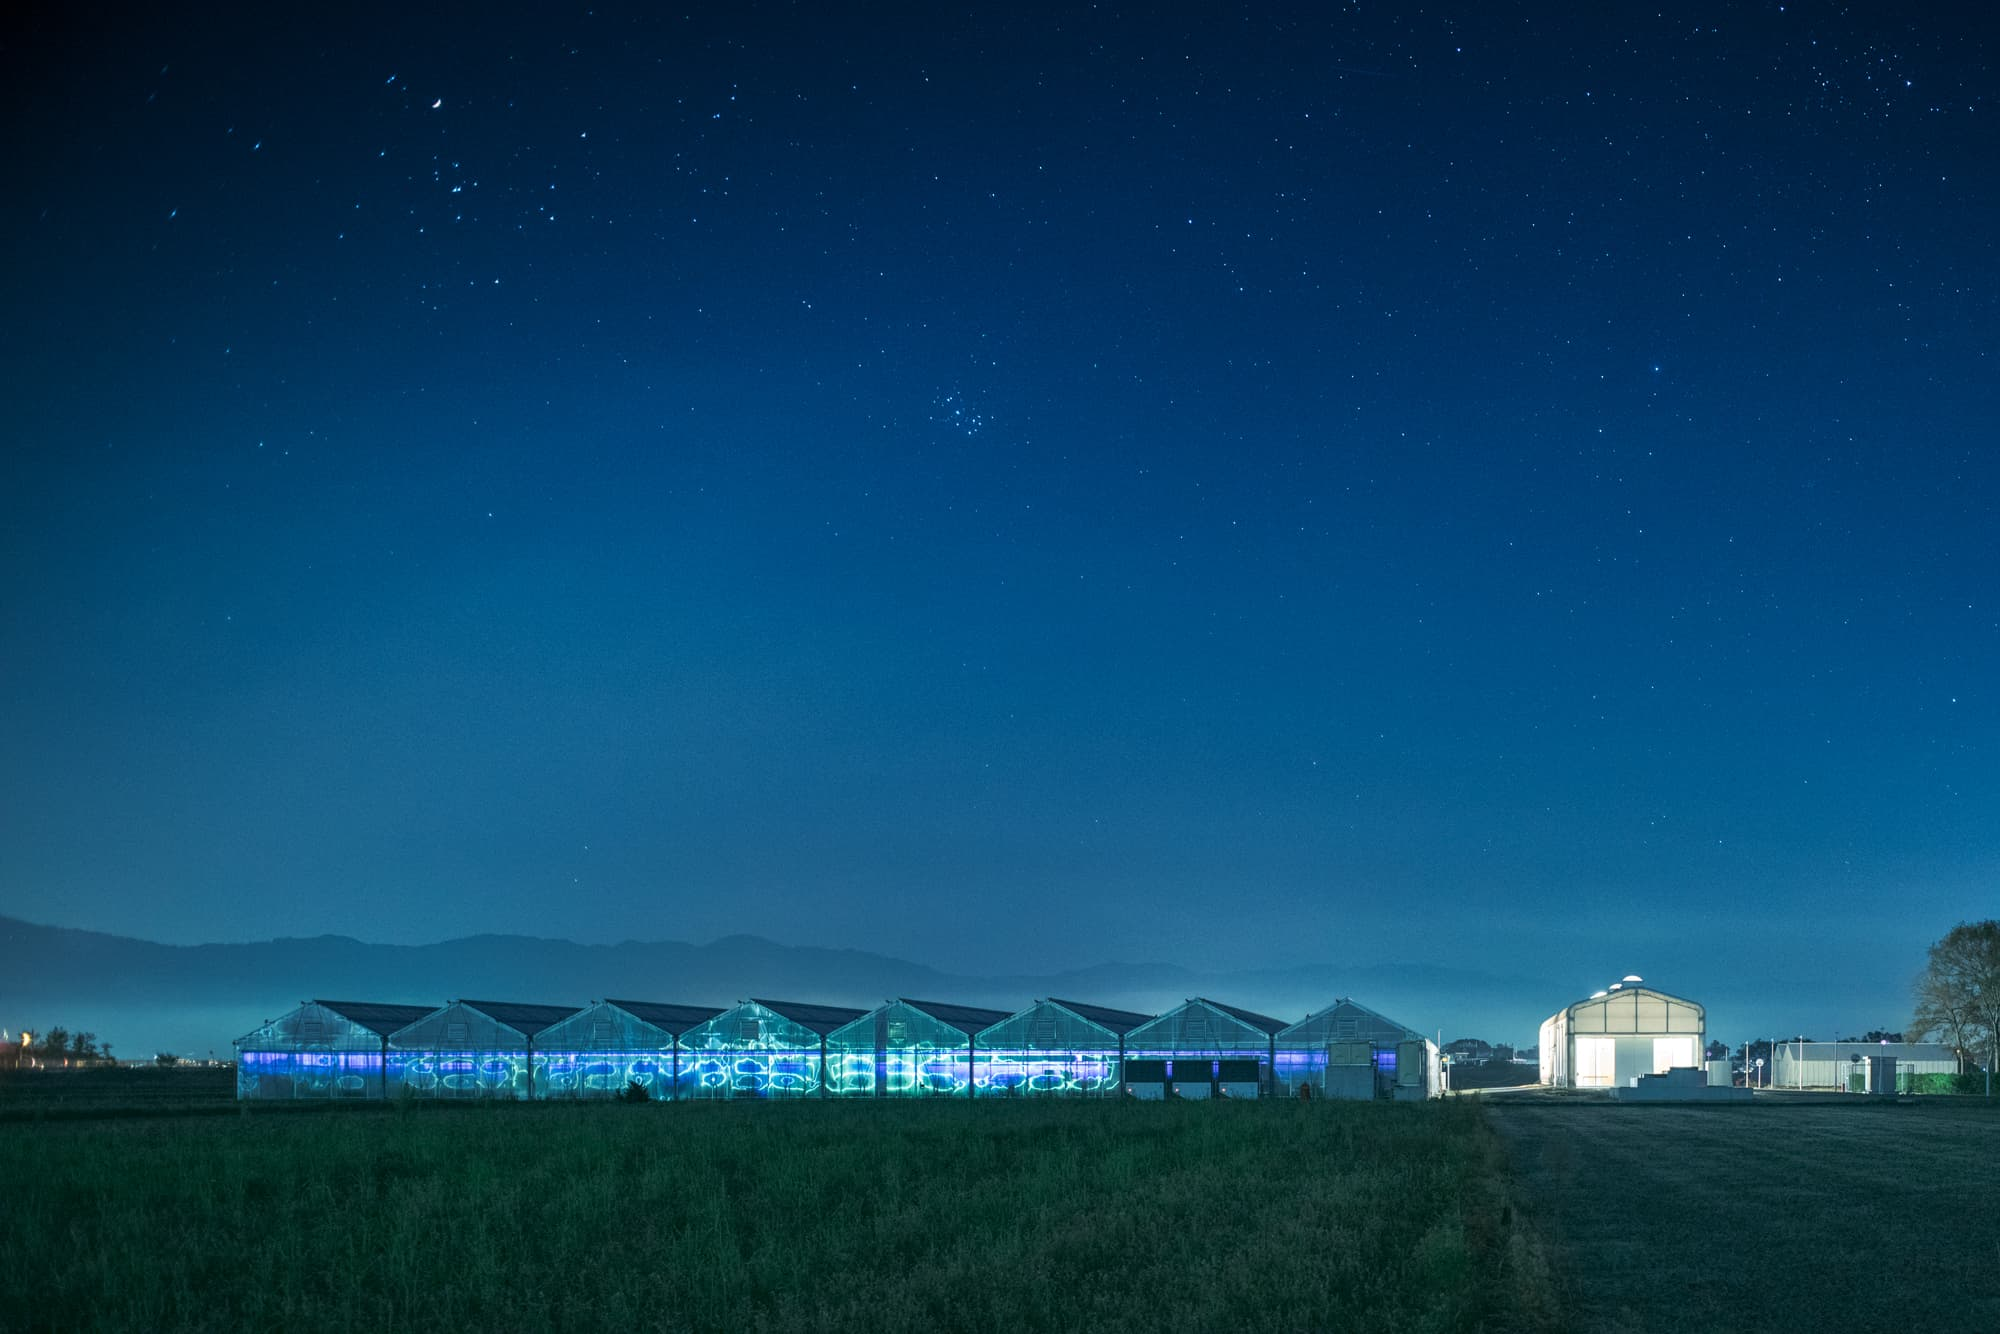 鈴鹿山系を仰ぎ、琵琶湖のほとりに建つローズファームケイジ